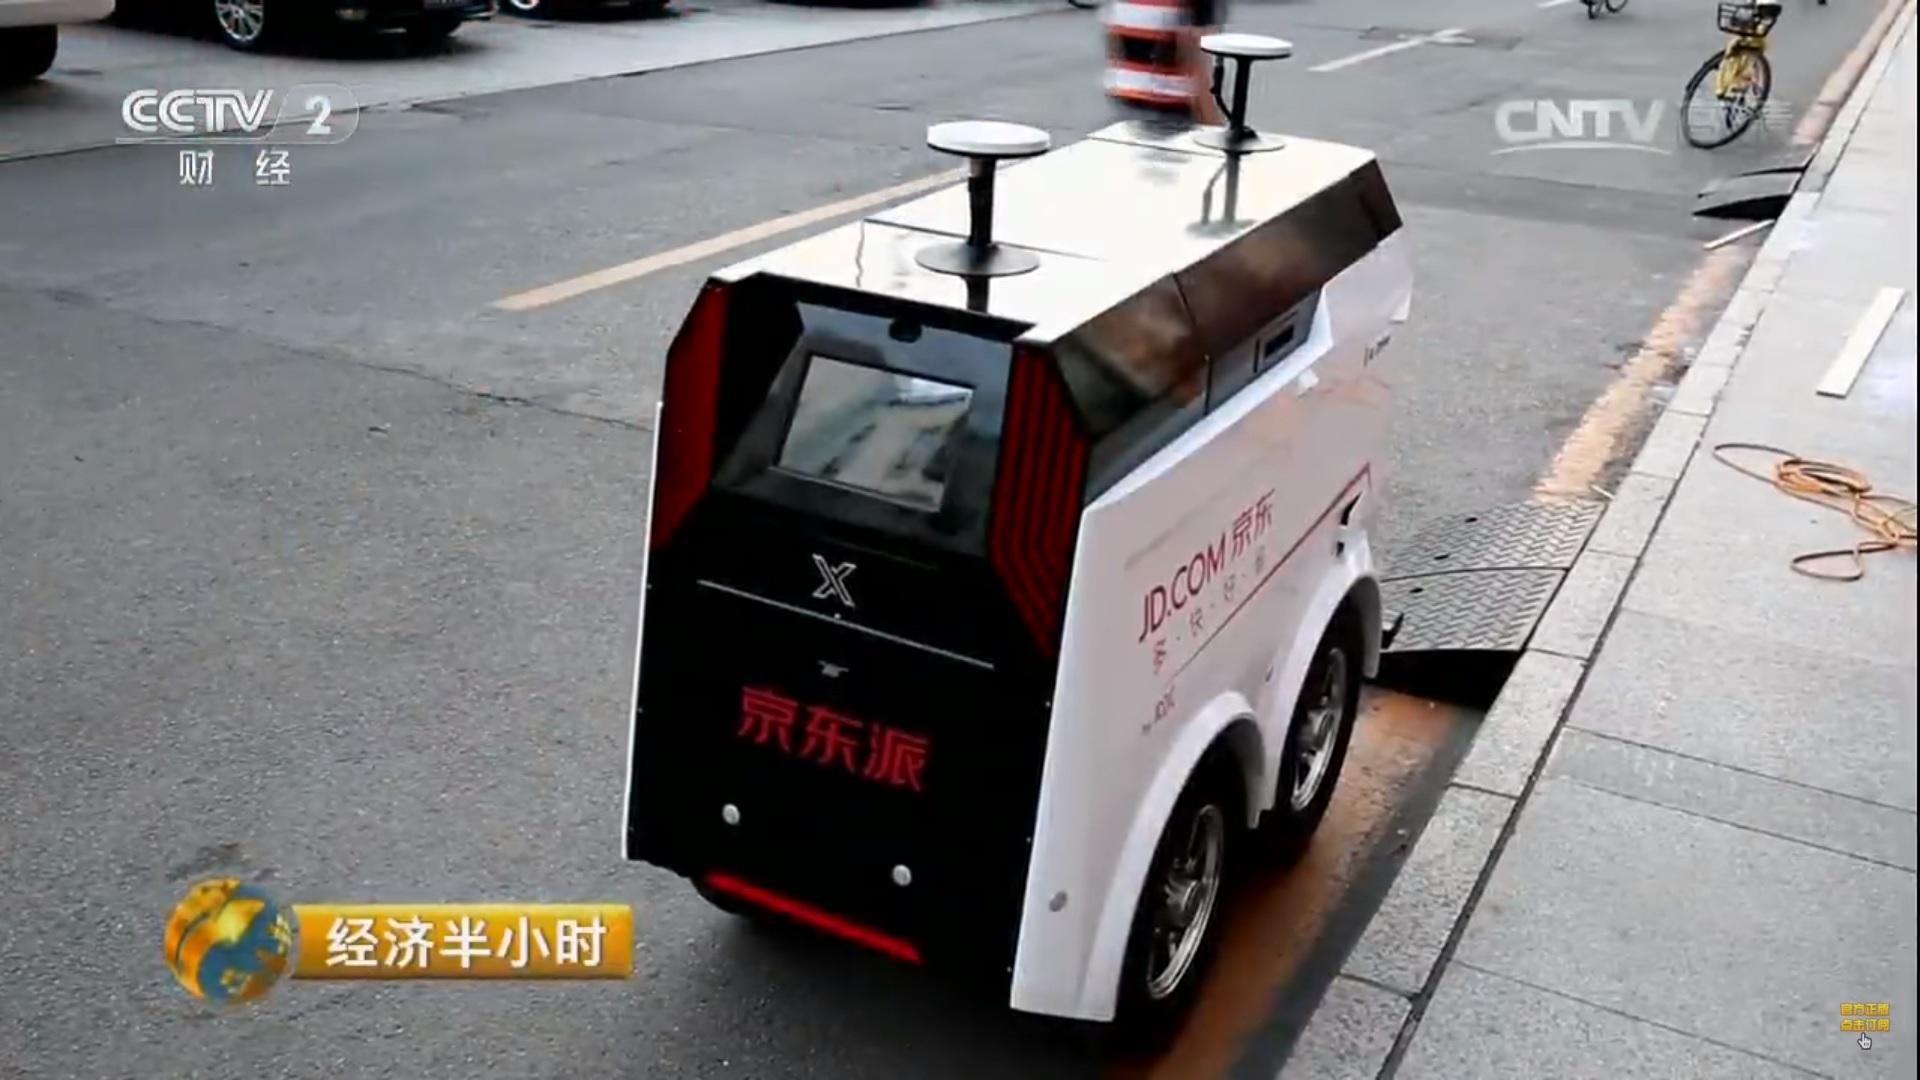 Один из крупнейших в Китае онлайн-ритейлеров JD.com запустил роботов-курьеров